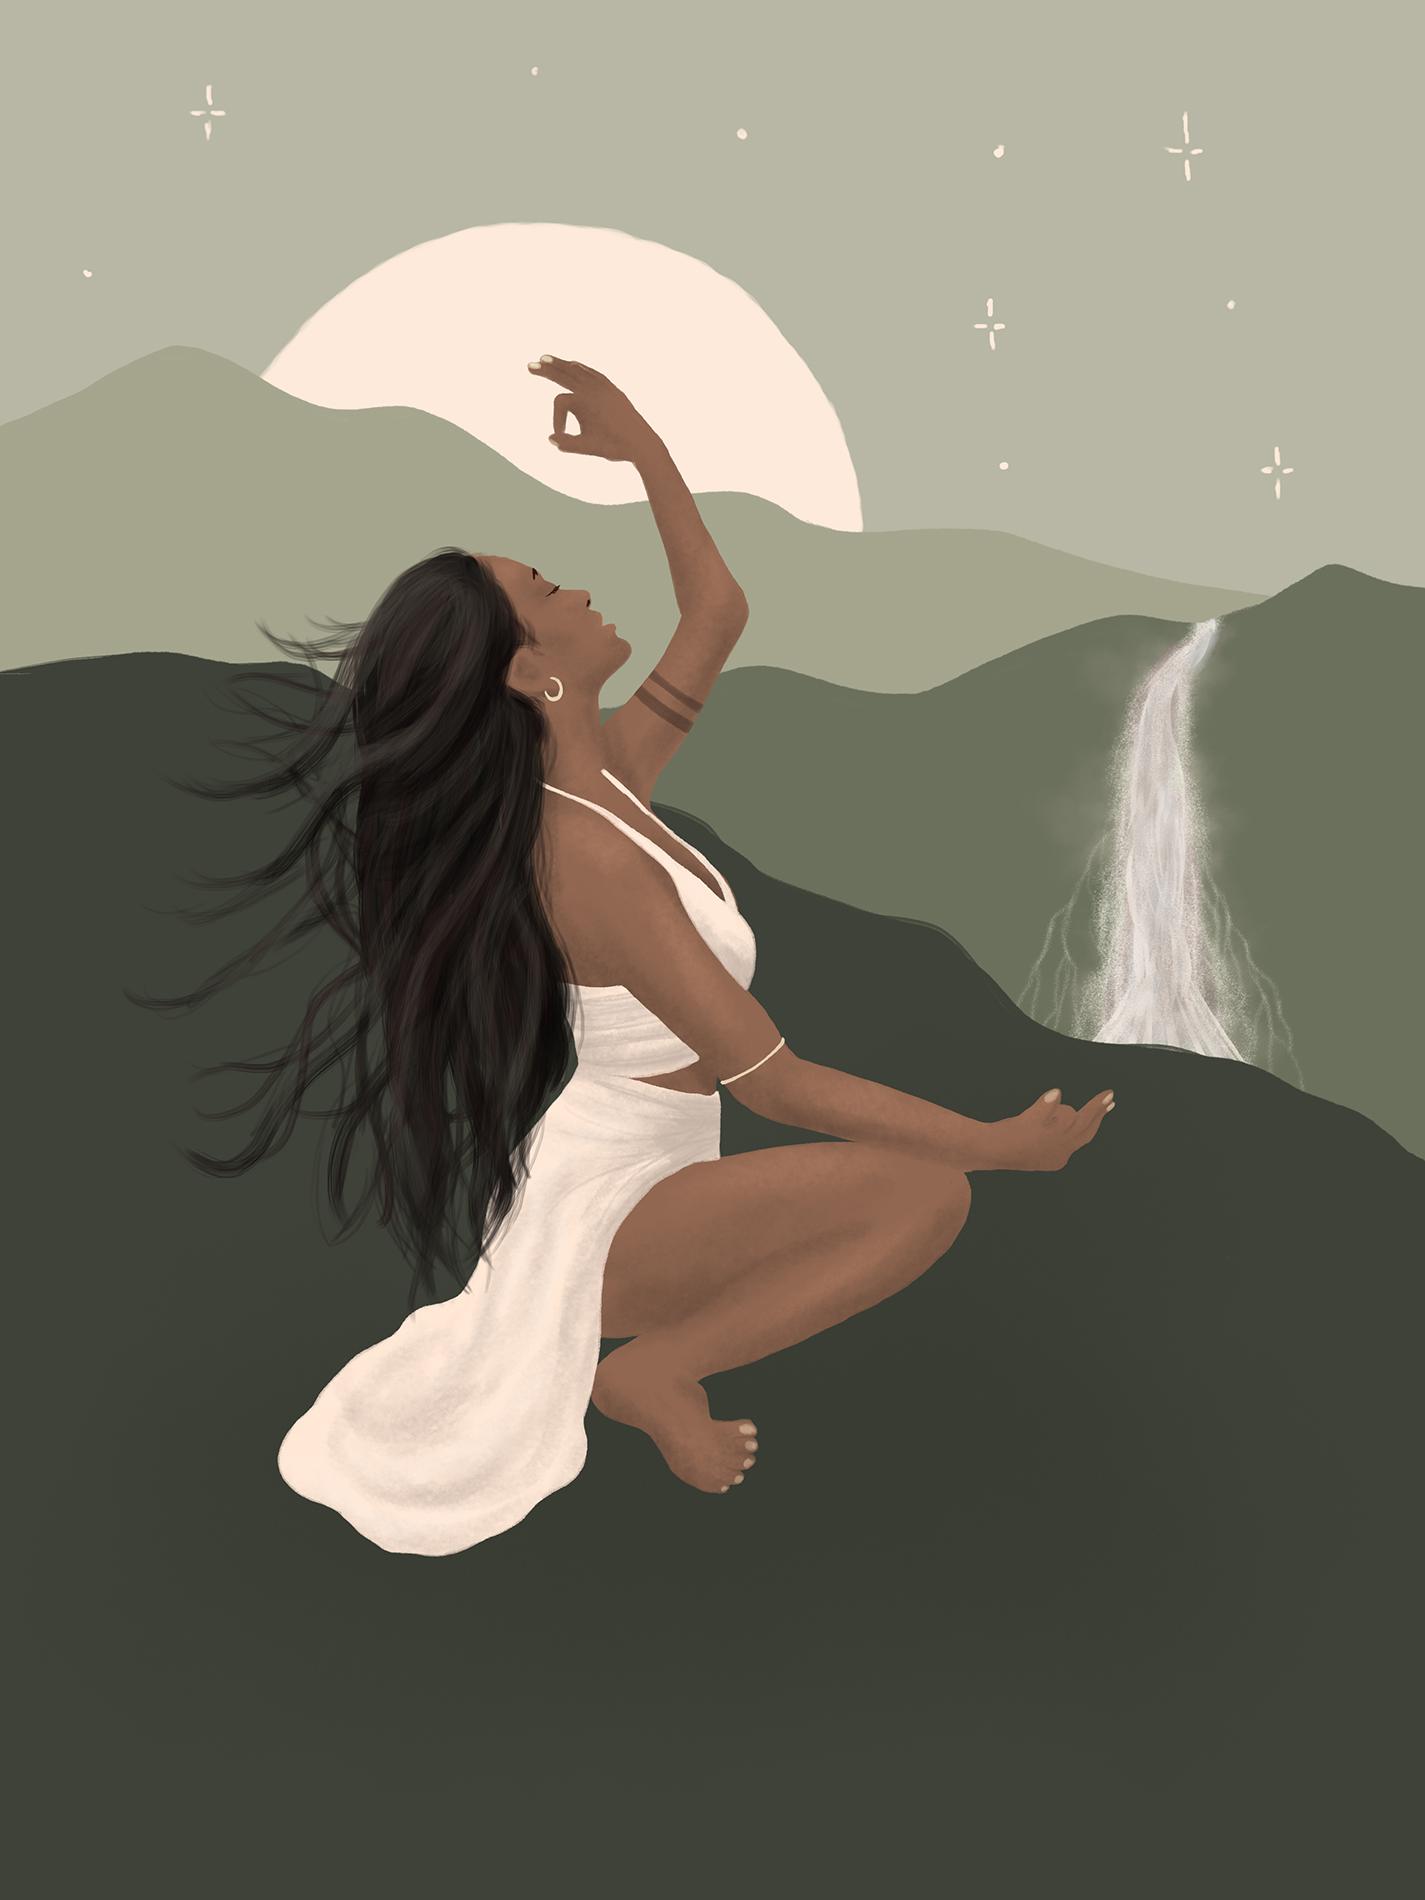 Illustration of a beautiful spiritual goddess by a waterfall